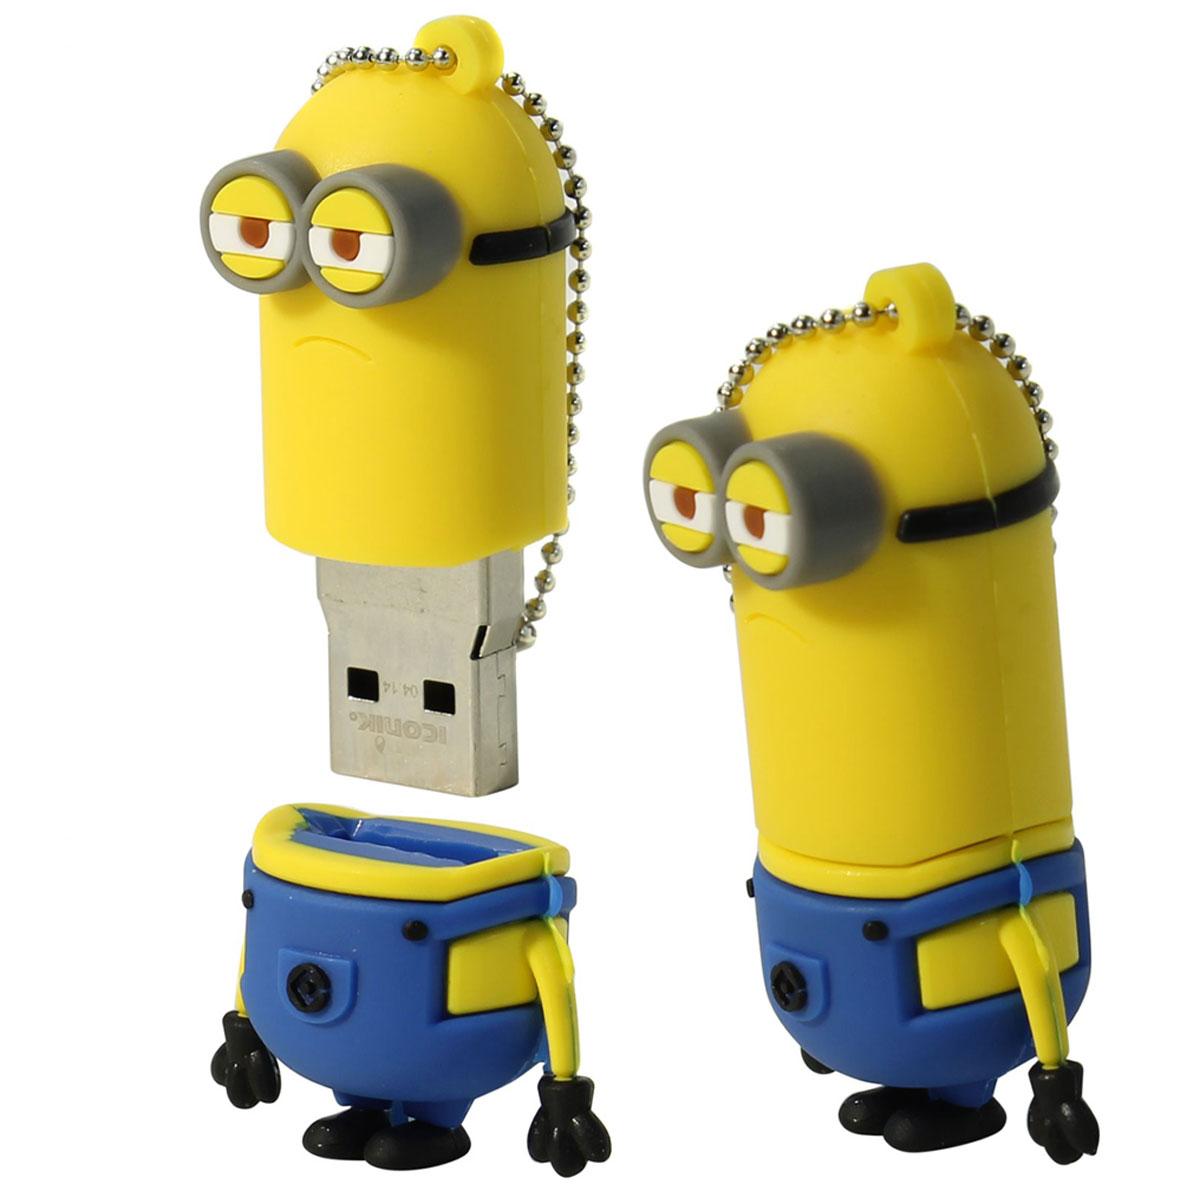 Iconik Миньон Кевин 8GB USB флеш-накопитель - Носители информации